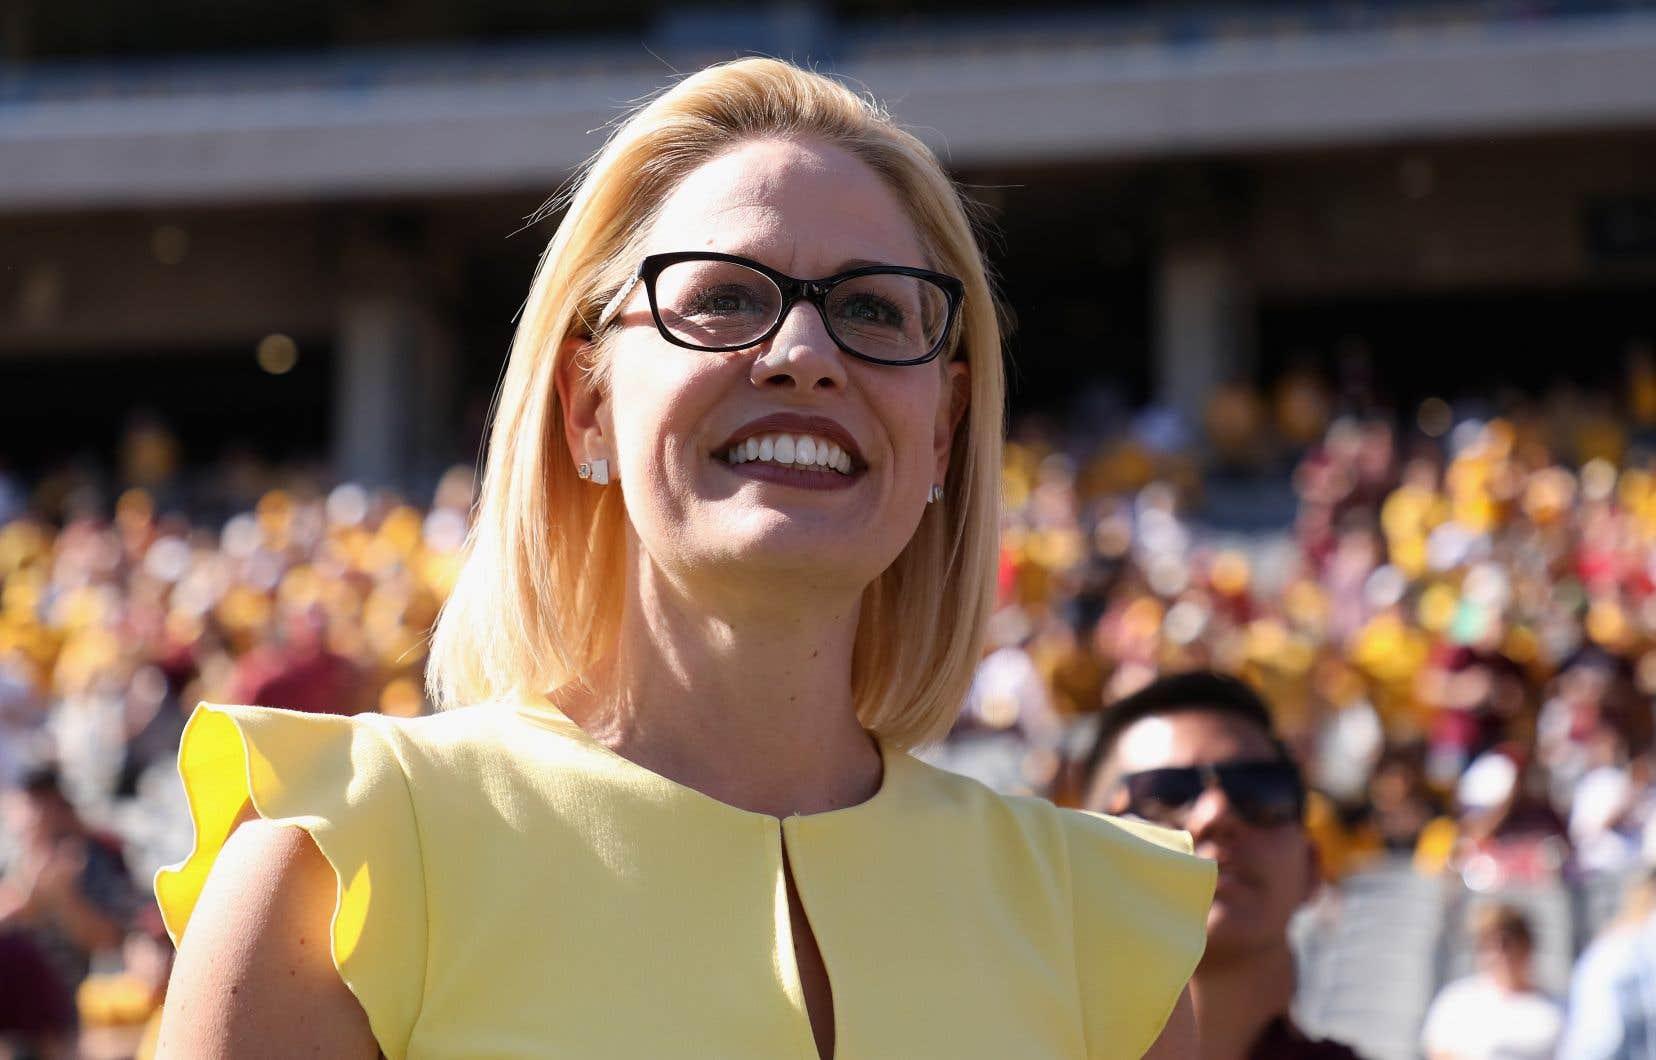 Pendant la campagne électorale, la démocrate Kyrsten Sinema s'était présentée comme une modérée qui tenterait de travailler avec ses opposants. Elle a finalement battu la républicaineMartha McSally.